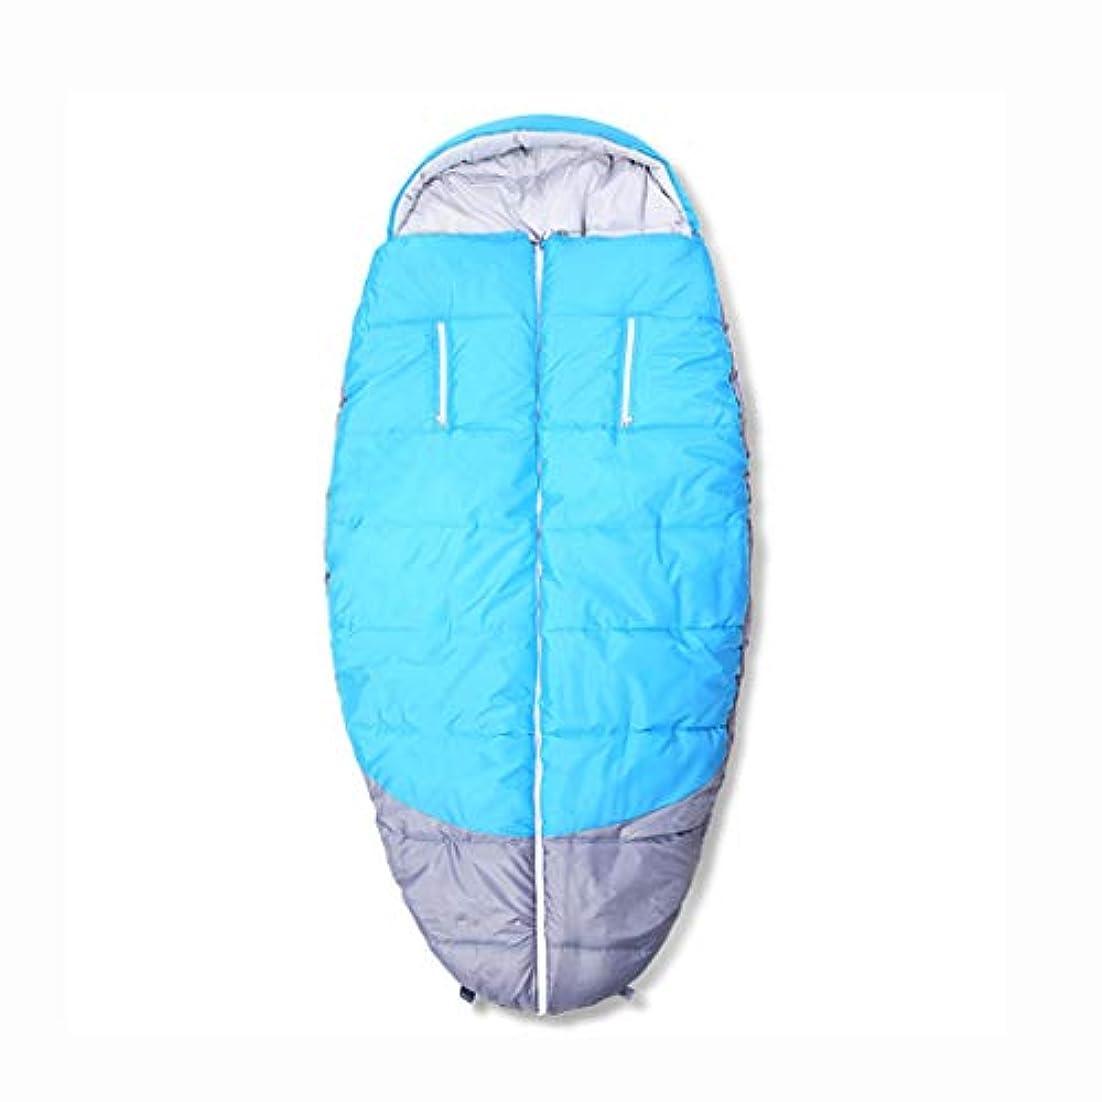 節約するりビバLCSHAN 寝袋ポリエステル耐久性のある便利な屋外キャンプ大人の多機能の肥厚 (色 : A)